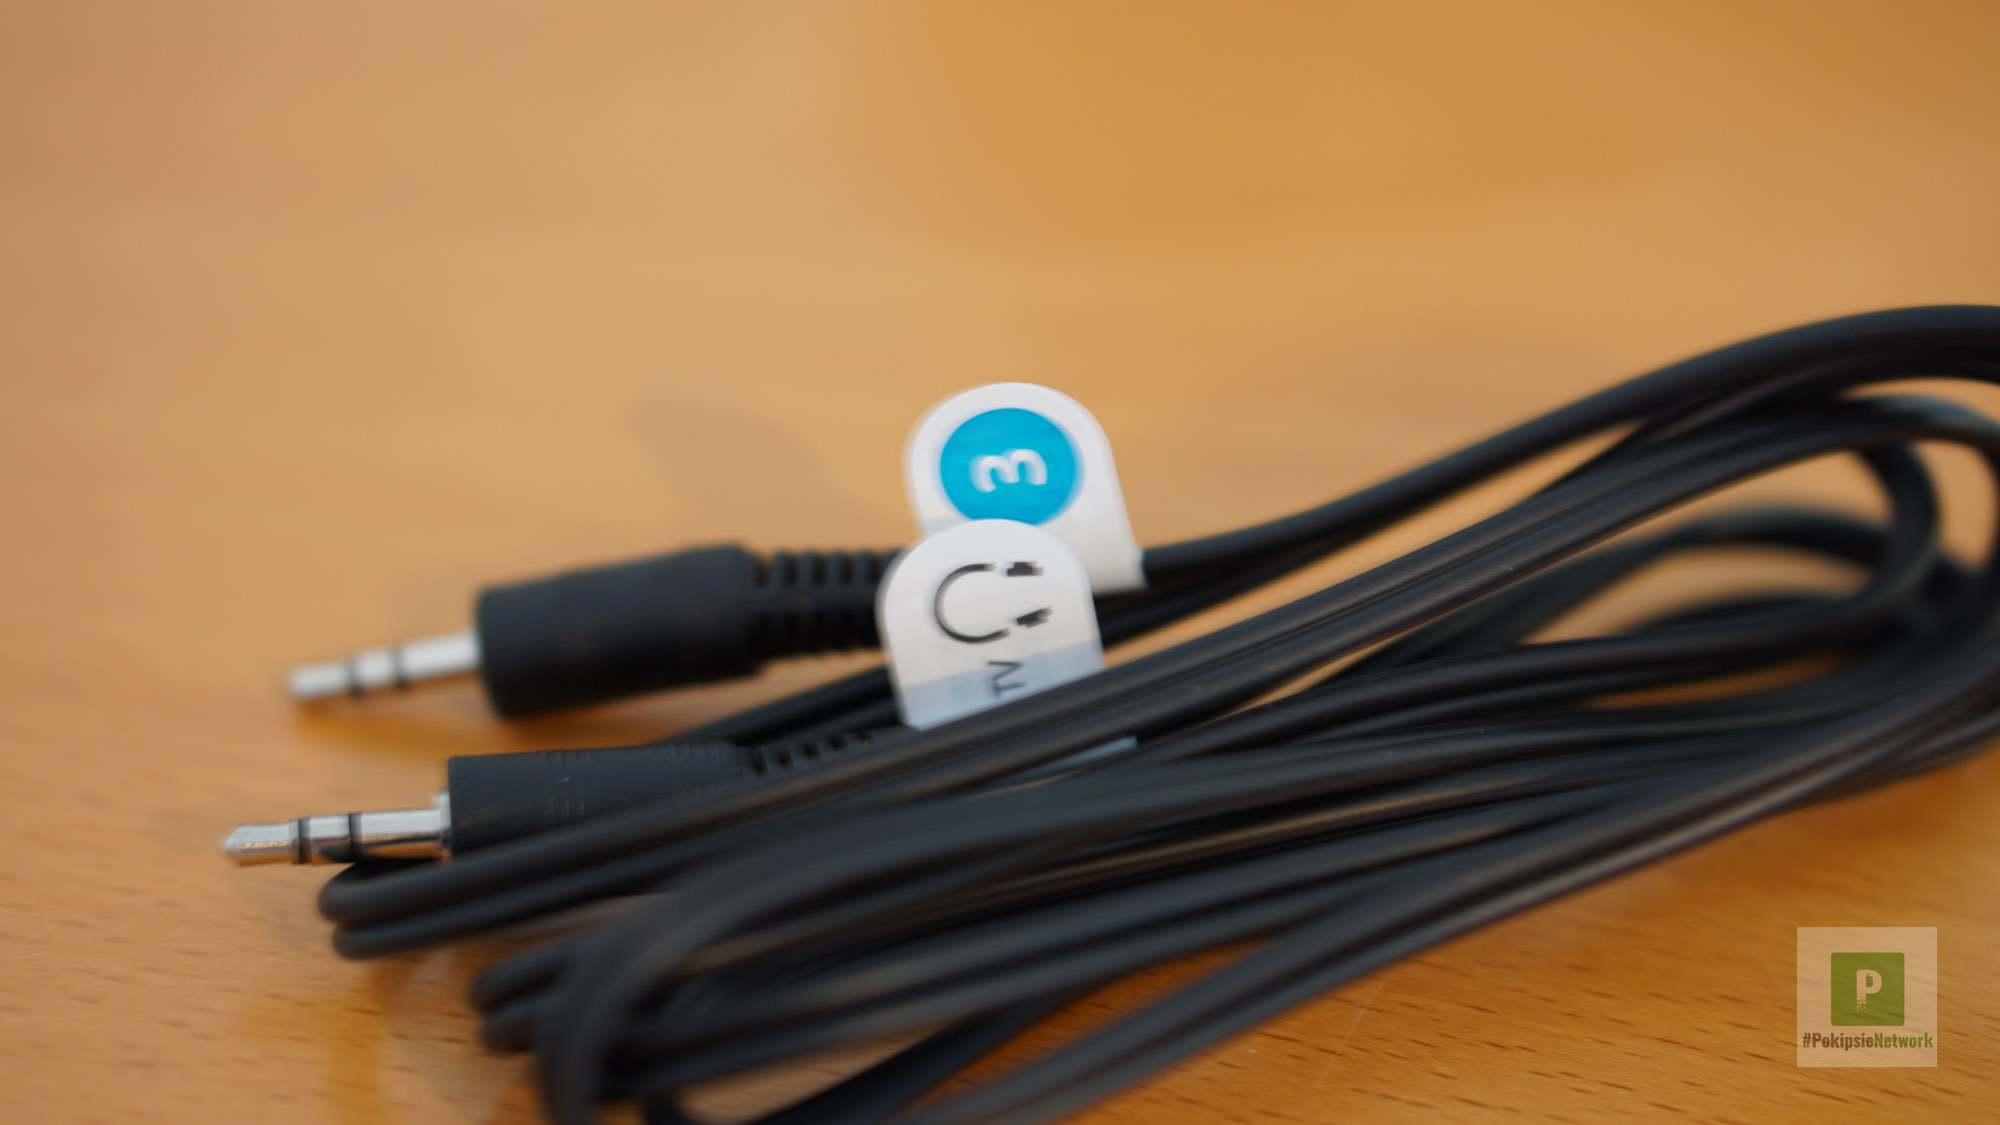 Beigelegte Kabel sind farblich markiert